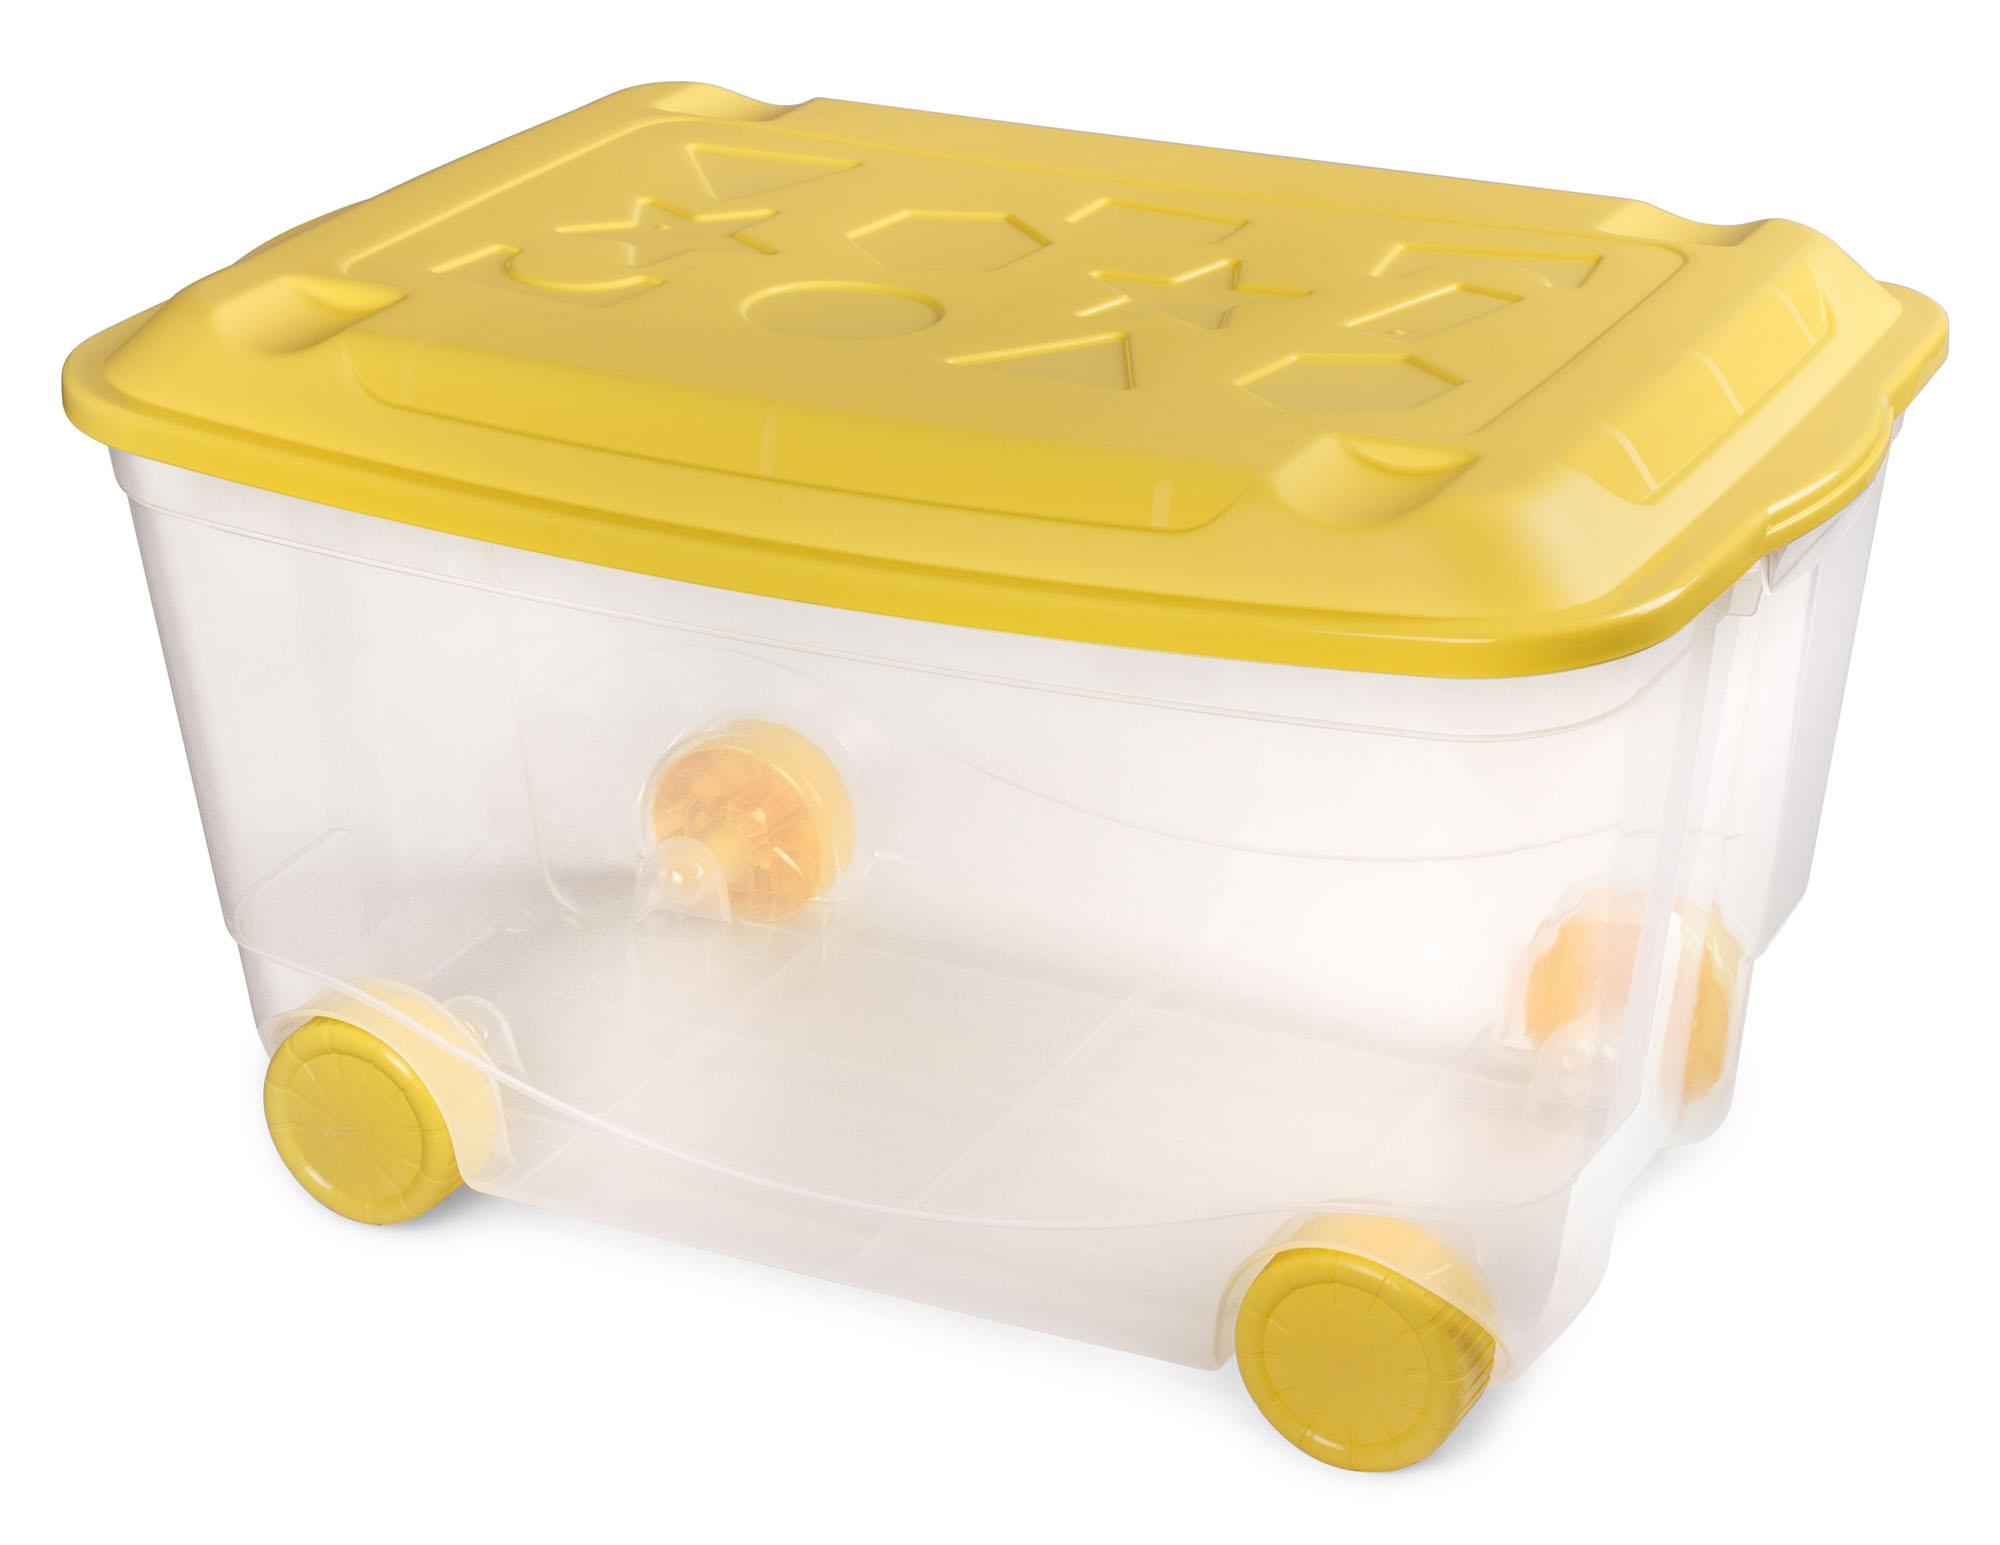 Ящик для игрушек Пластишка На колесах 50 л, желтый ящик для игрушек kidkraft ящик для игрушек остин бежевый